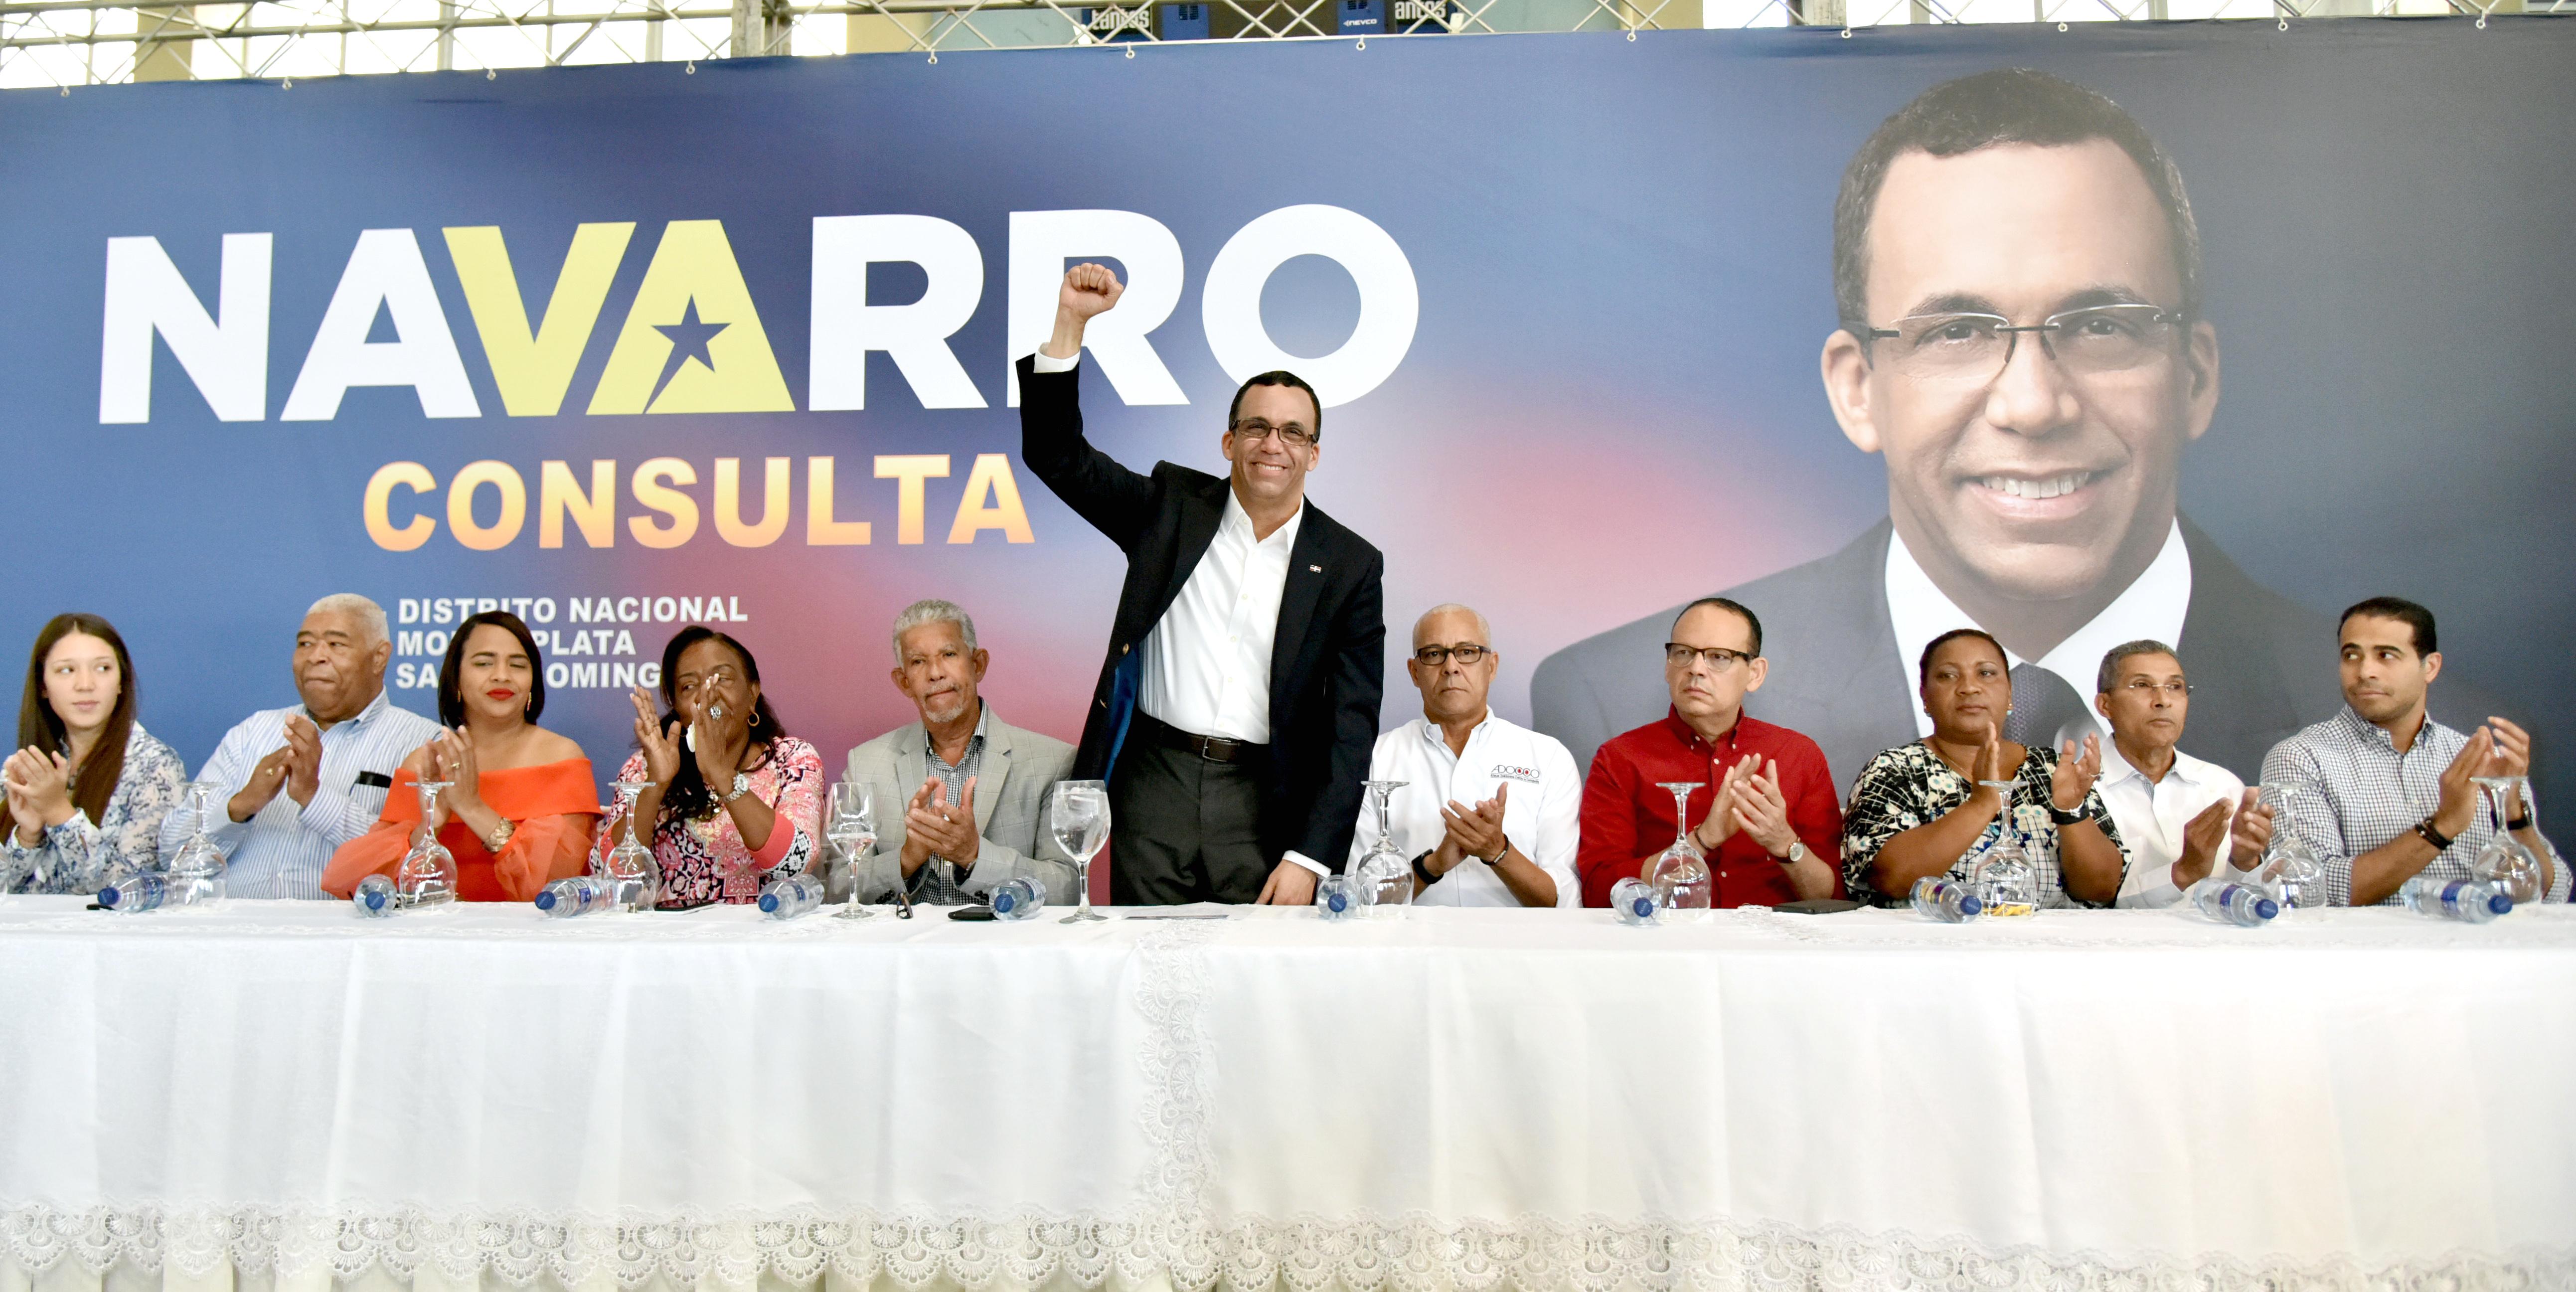 Andrés Navarro concluye